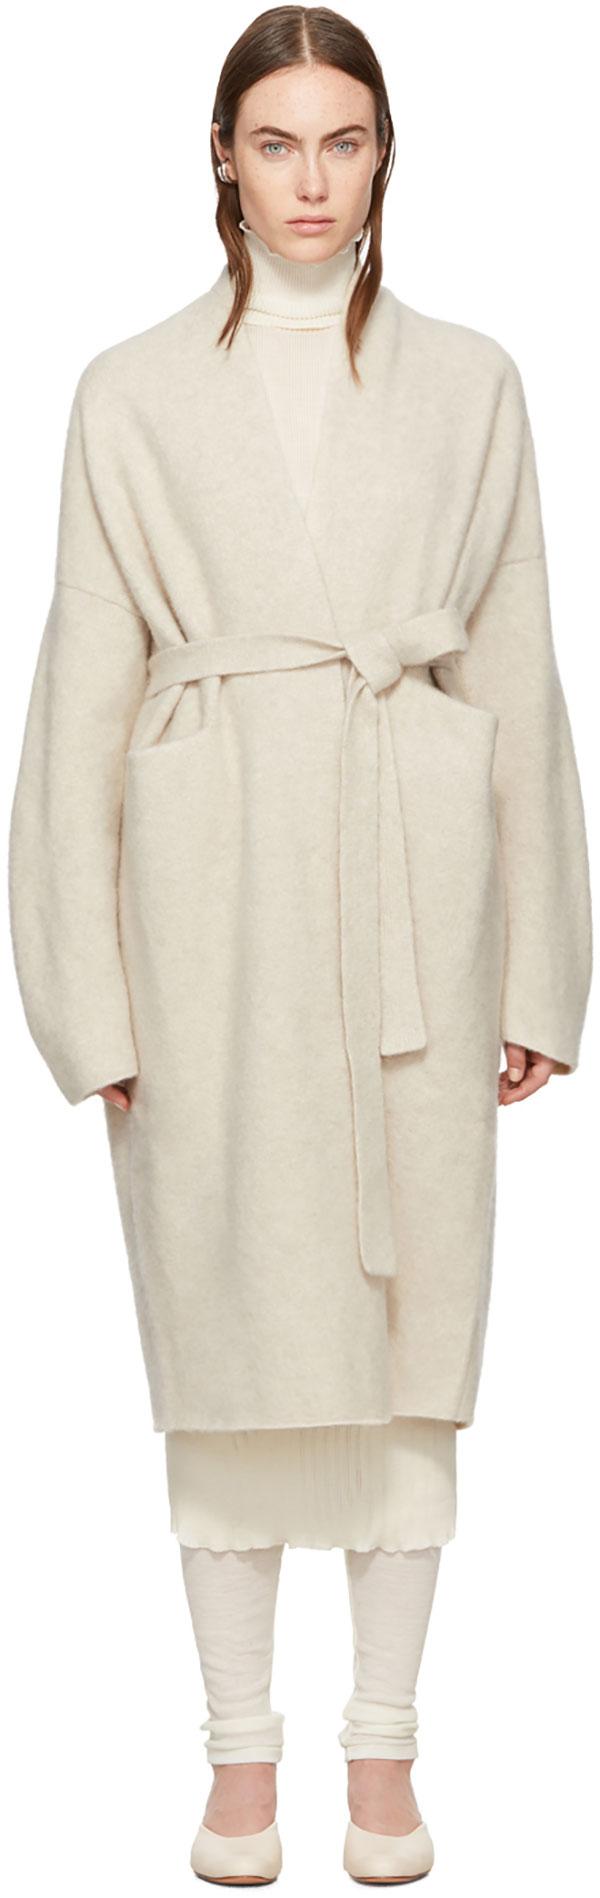 LAUREN MANOOGIAN Beige Cashmere Robe Coat